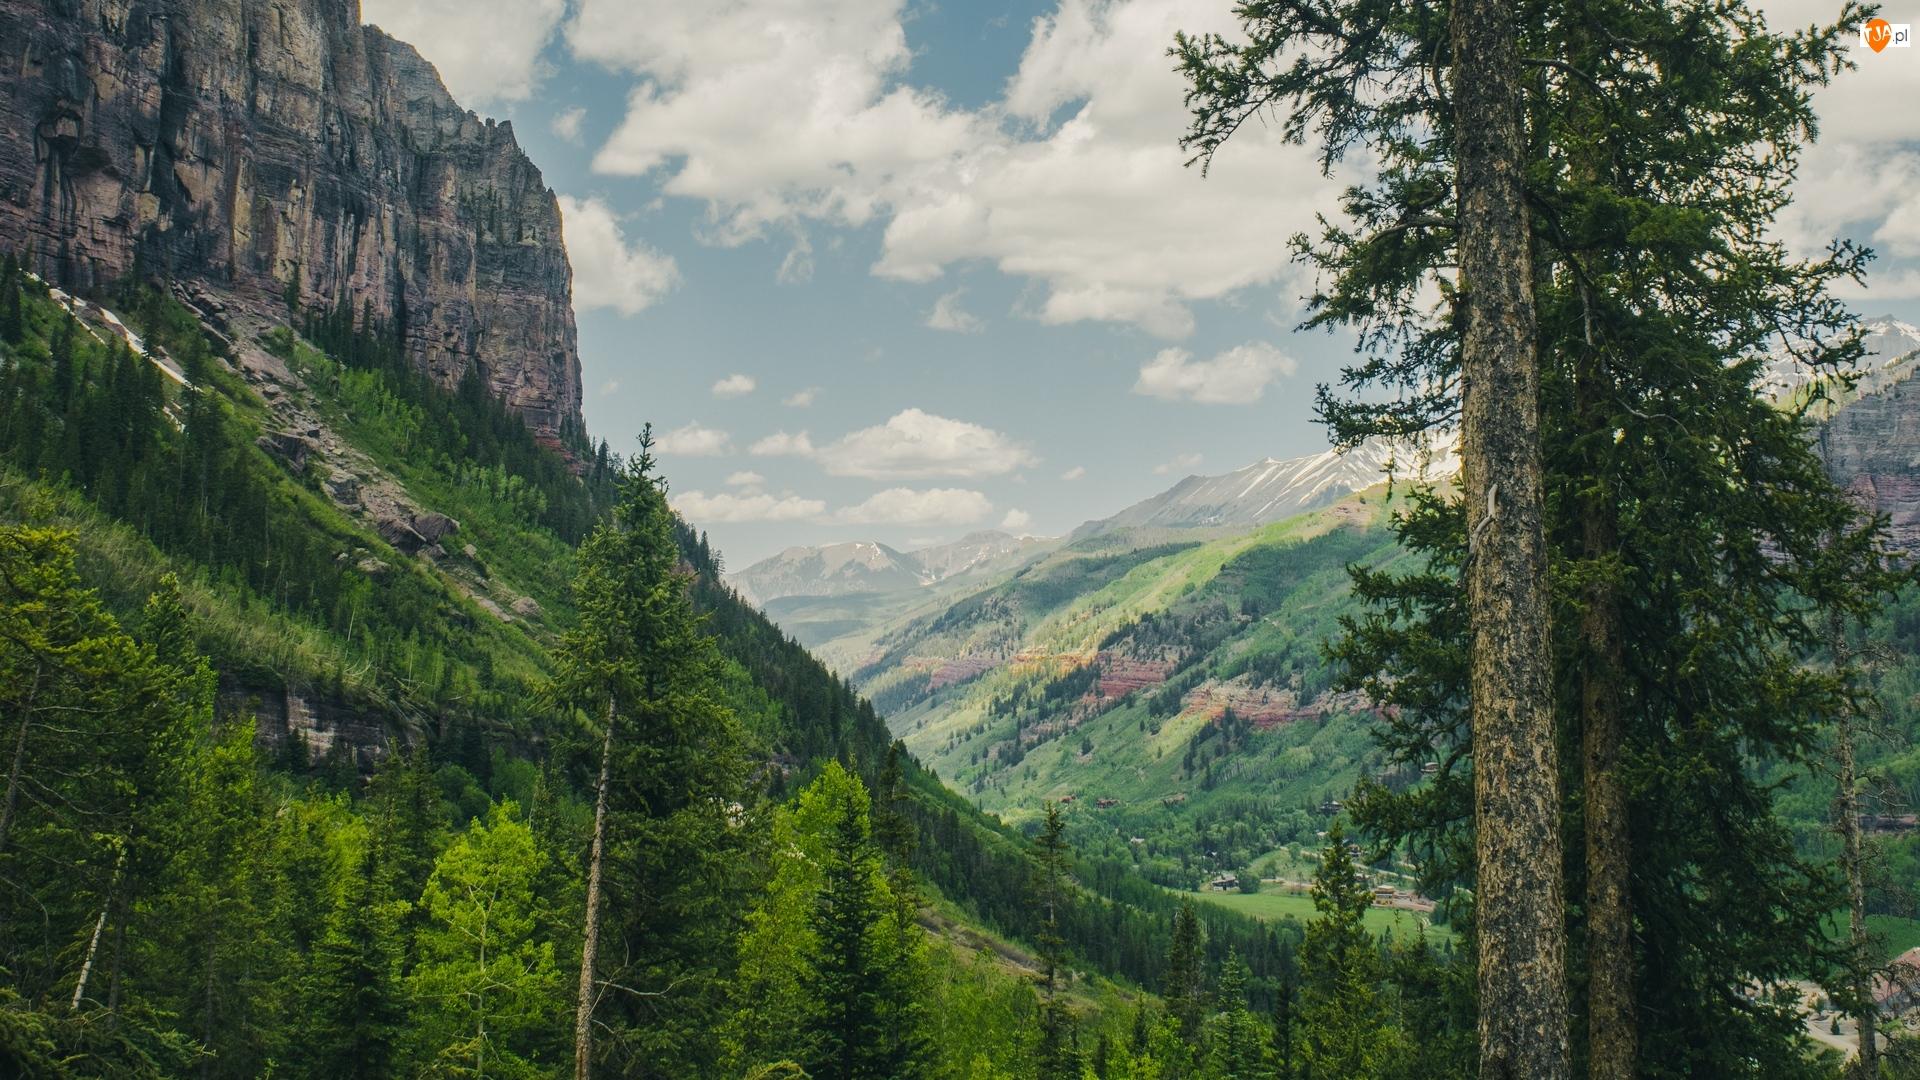 Las, Dolina, Góry, Drzewa, Skały